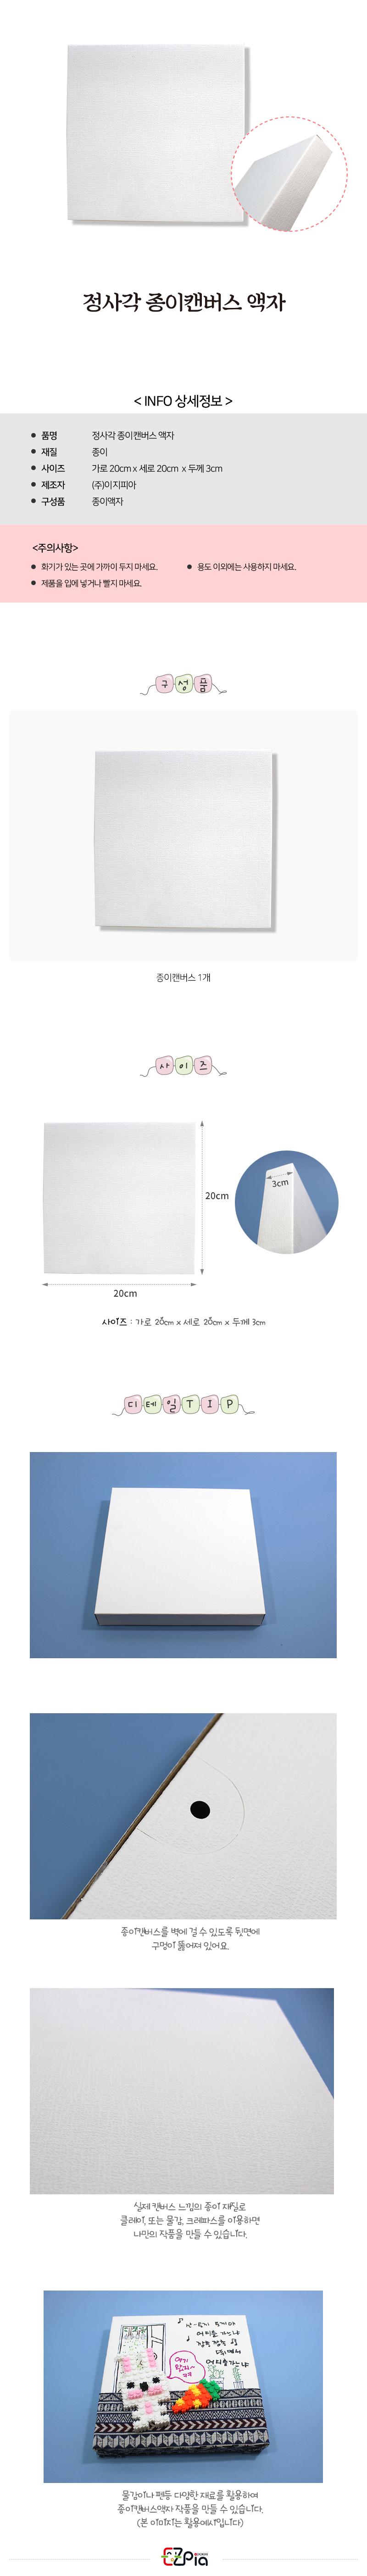 정사각 종이캔버스 액자 - 이지피아, 2,300원, 액자, 미니액자